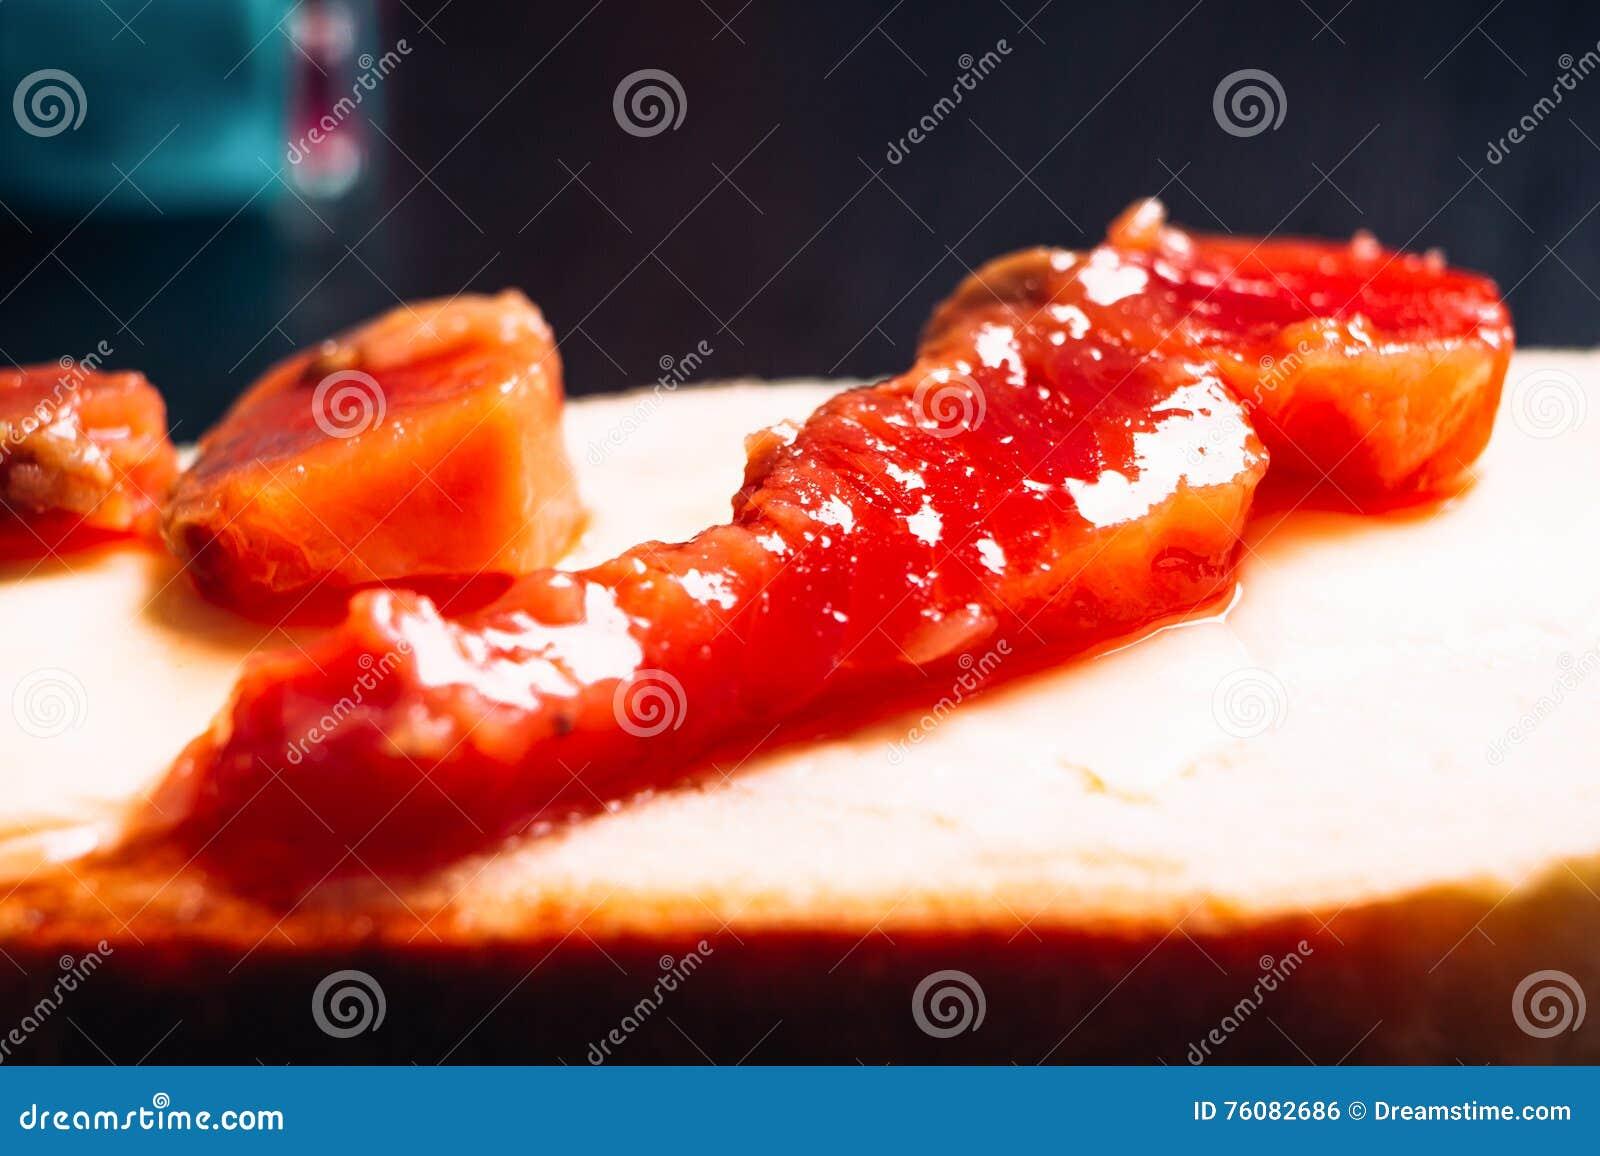 Morceau de poissons rouges sur le plan rapproché de pain